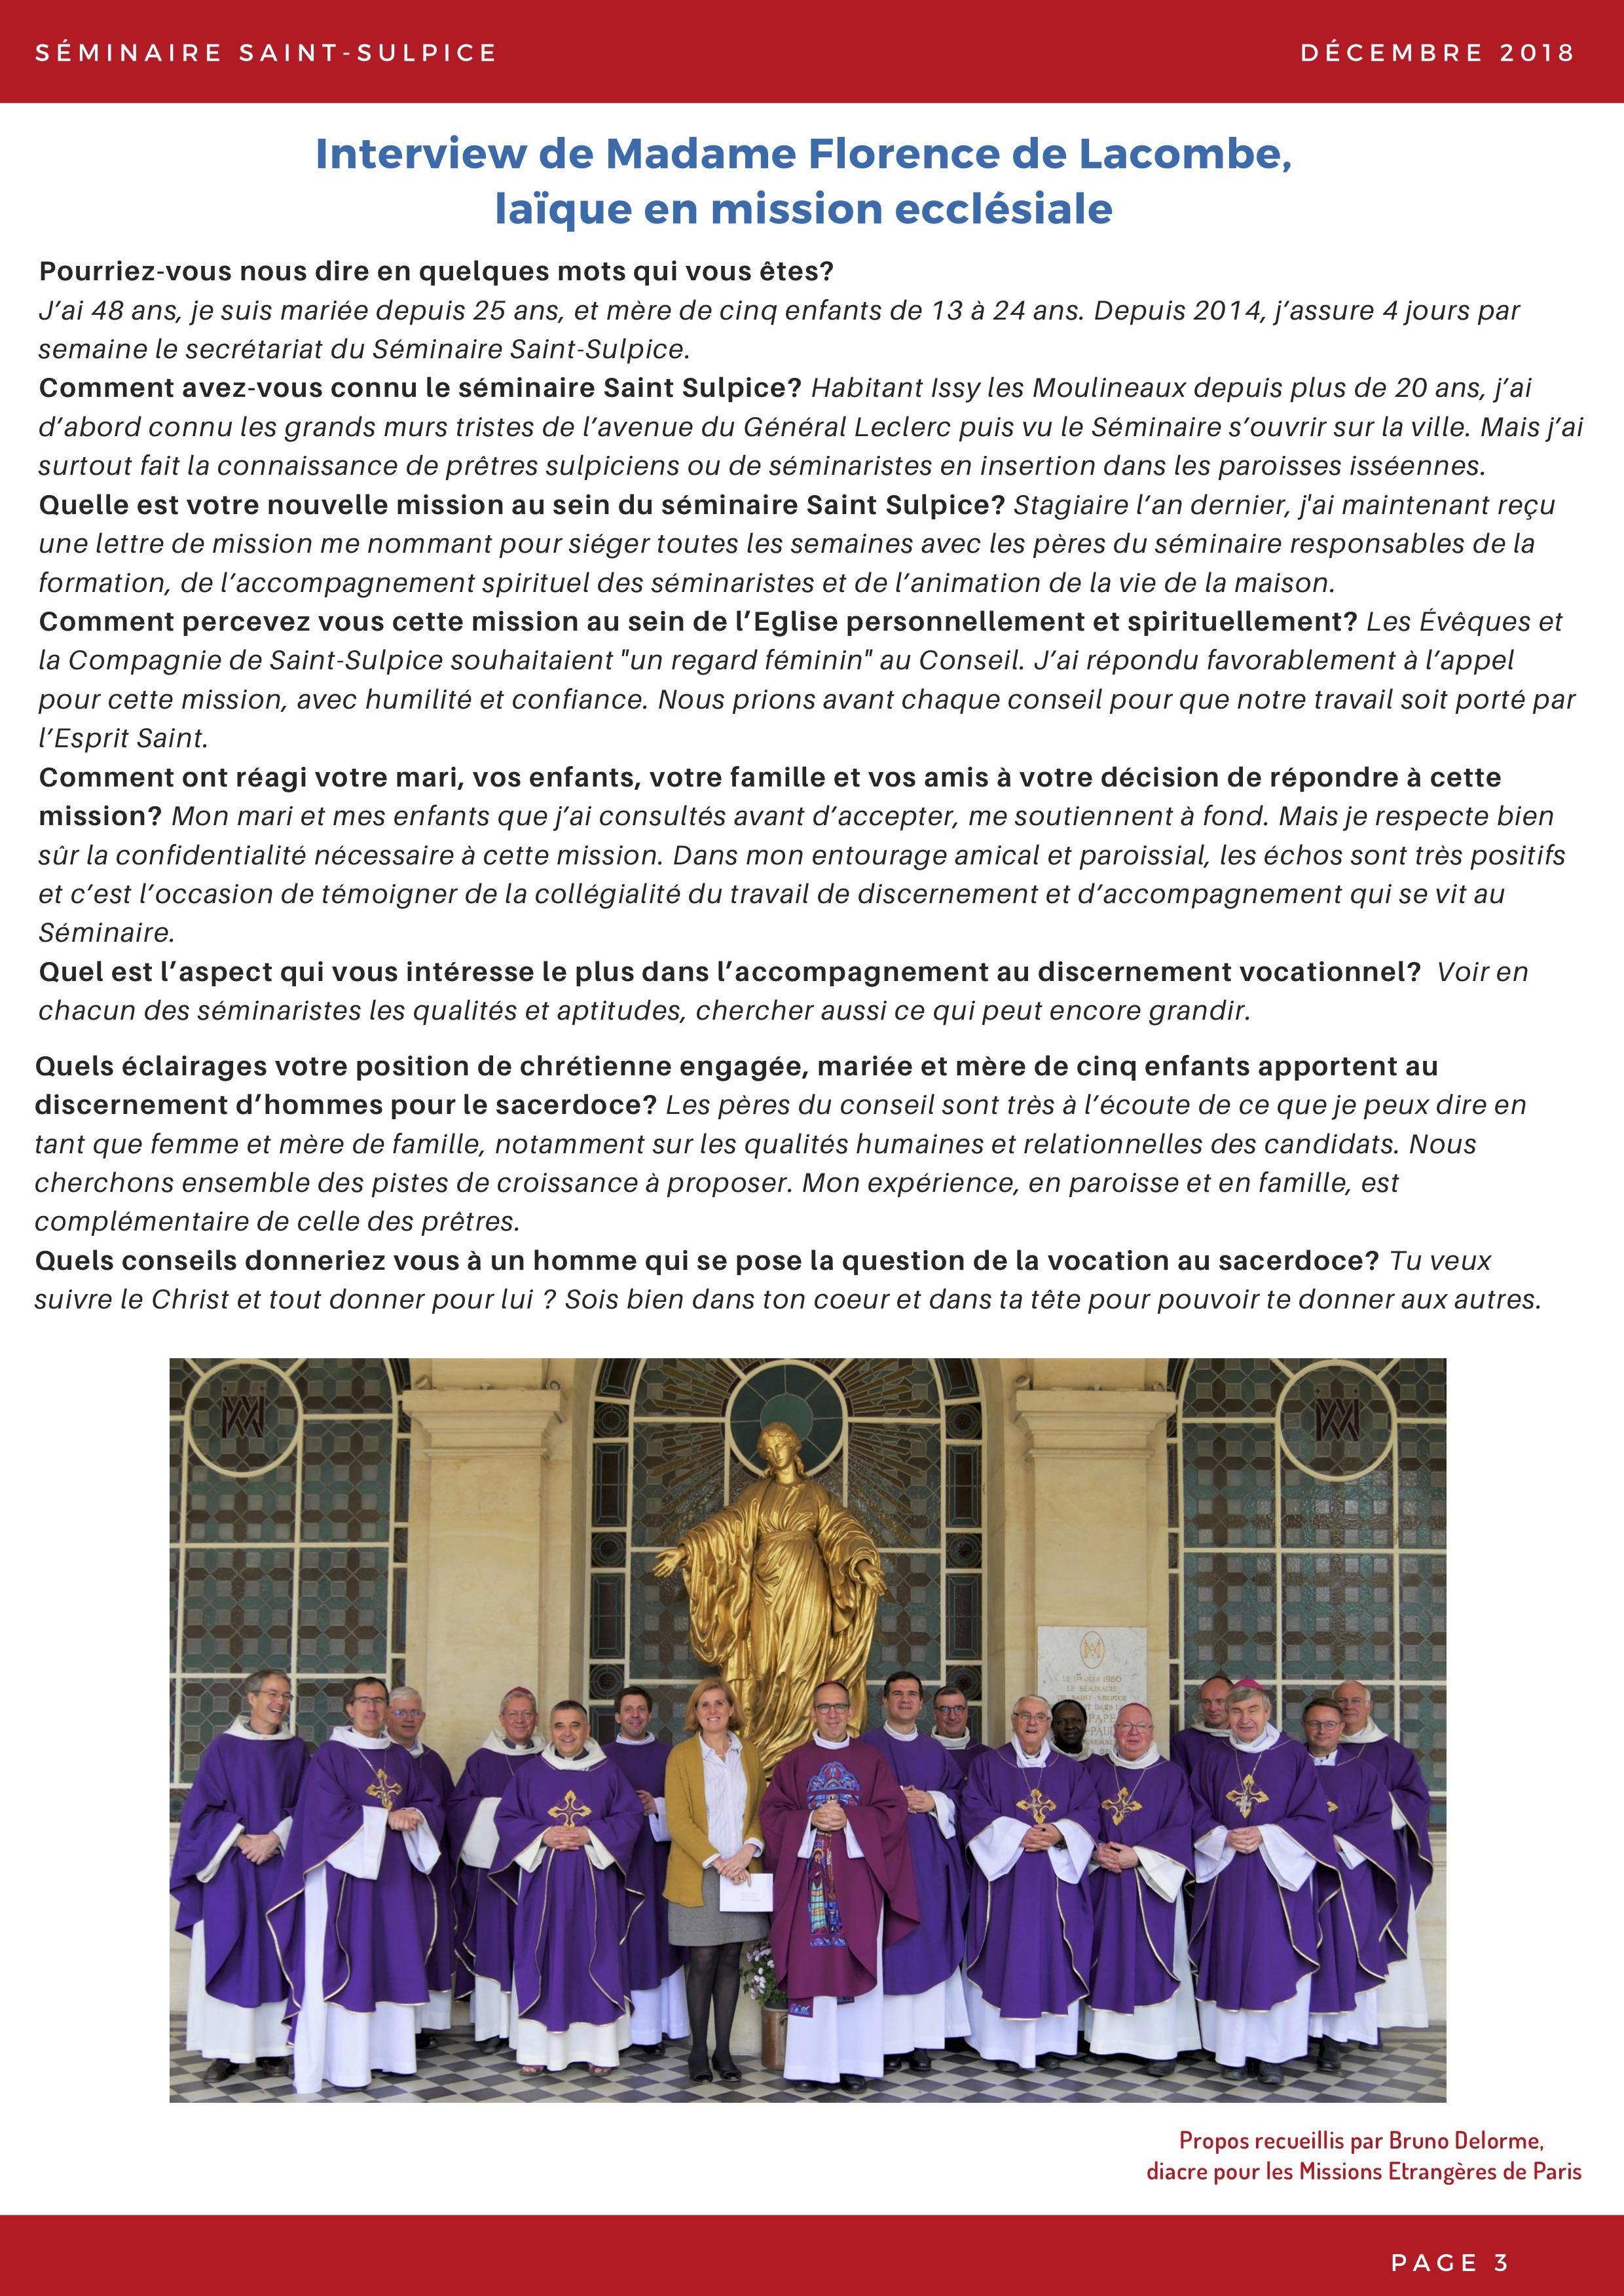 Newsletter Séminaire Saint-Sulpice décembre 2018 - p3